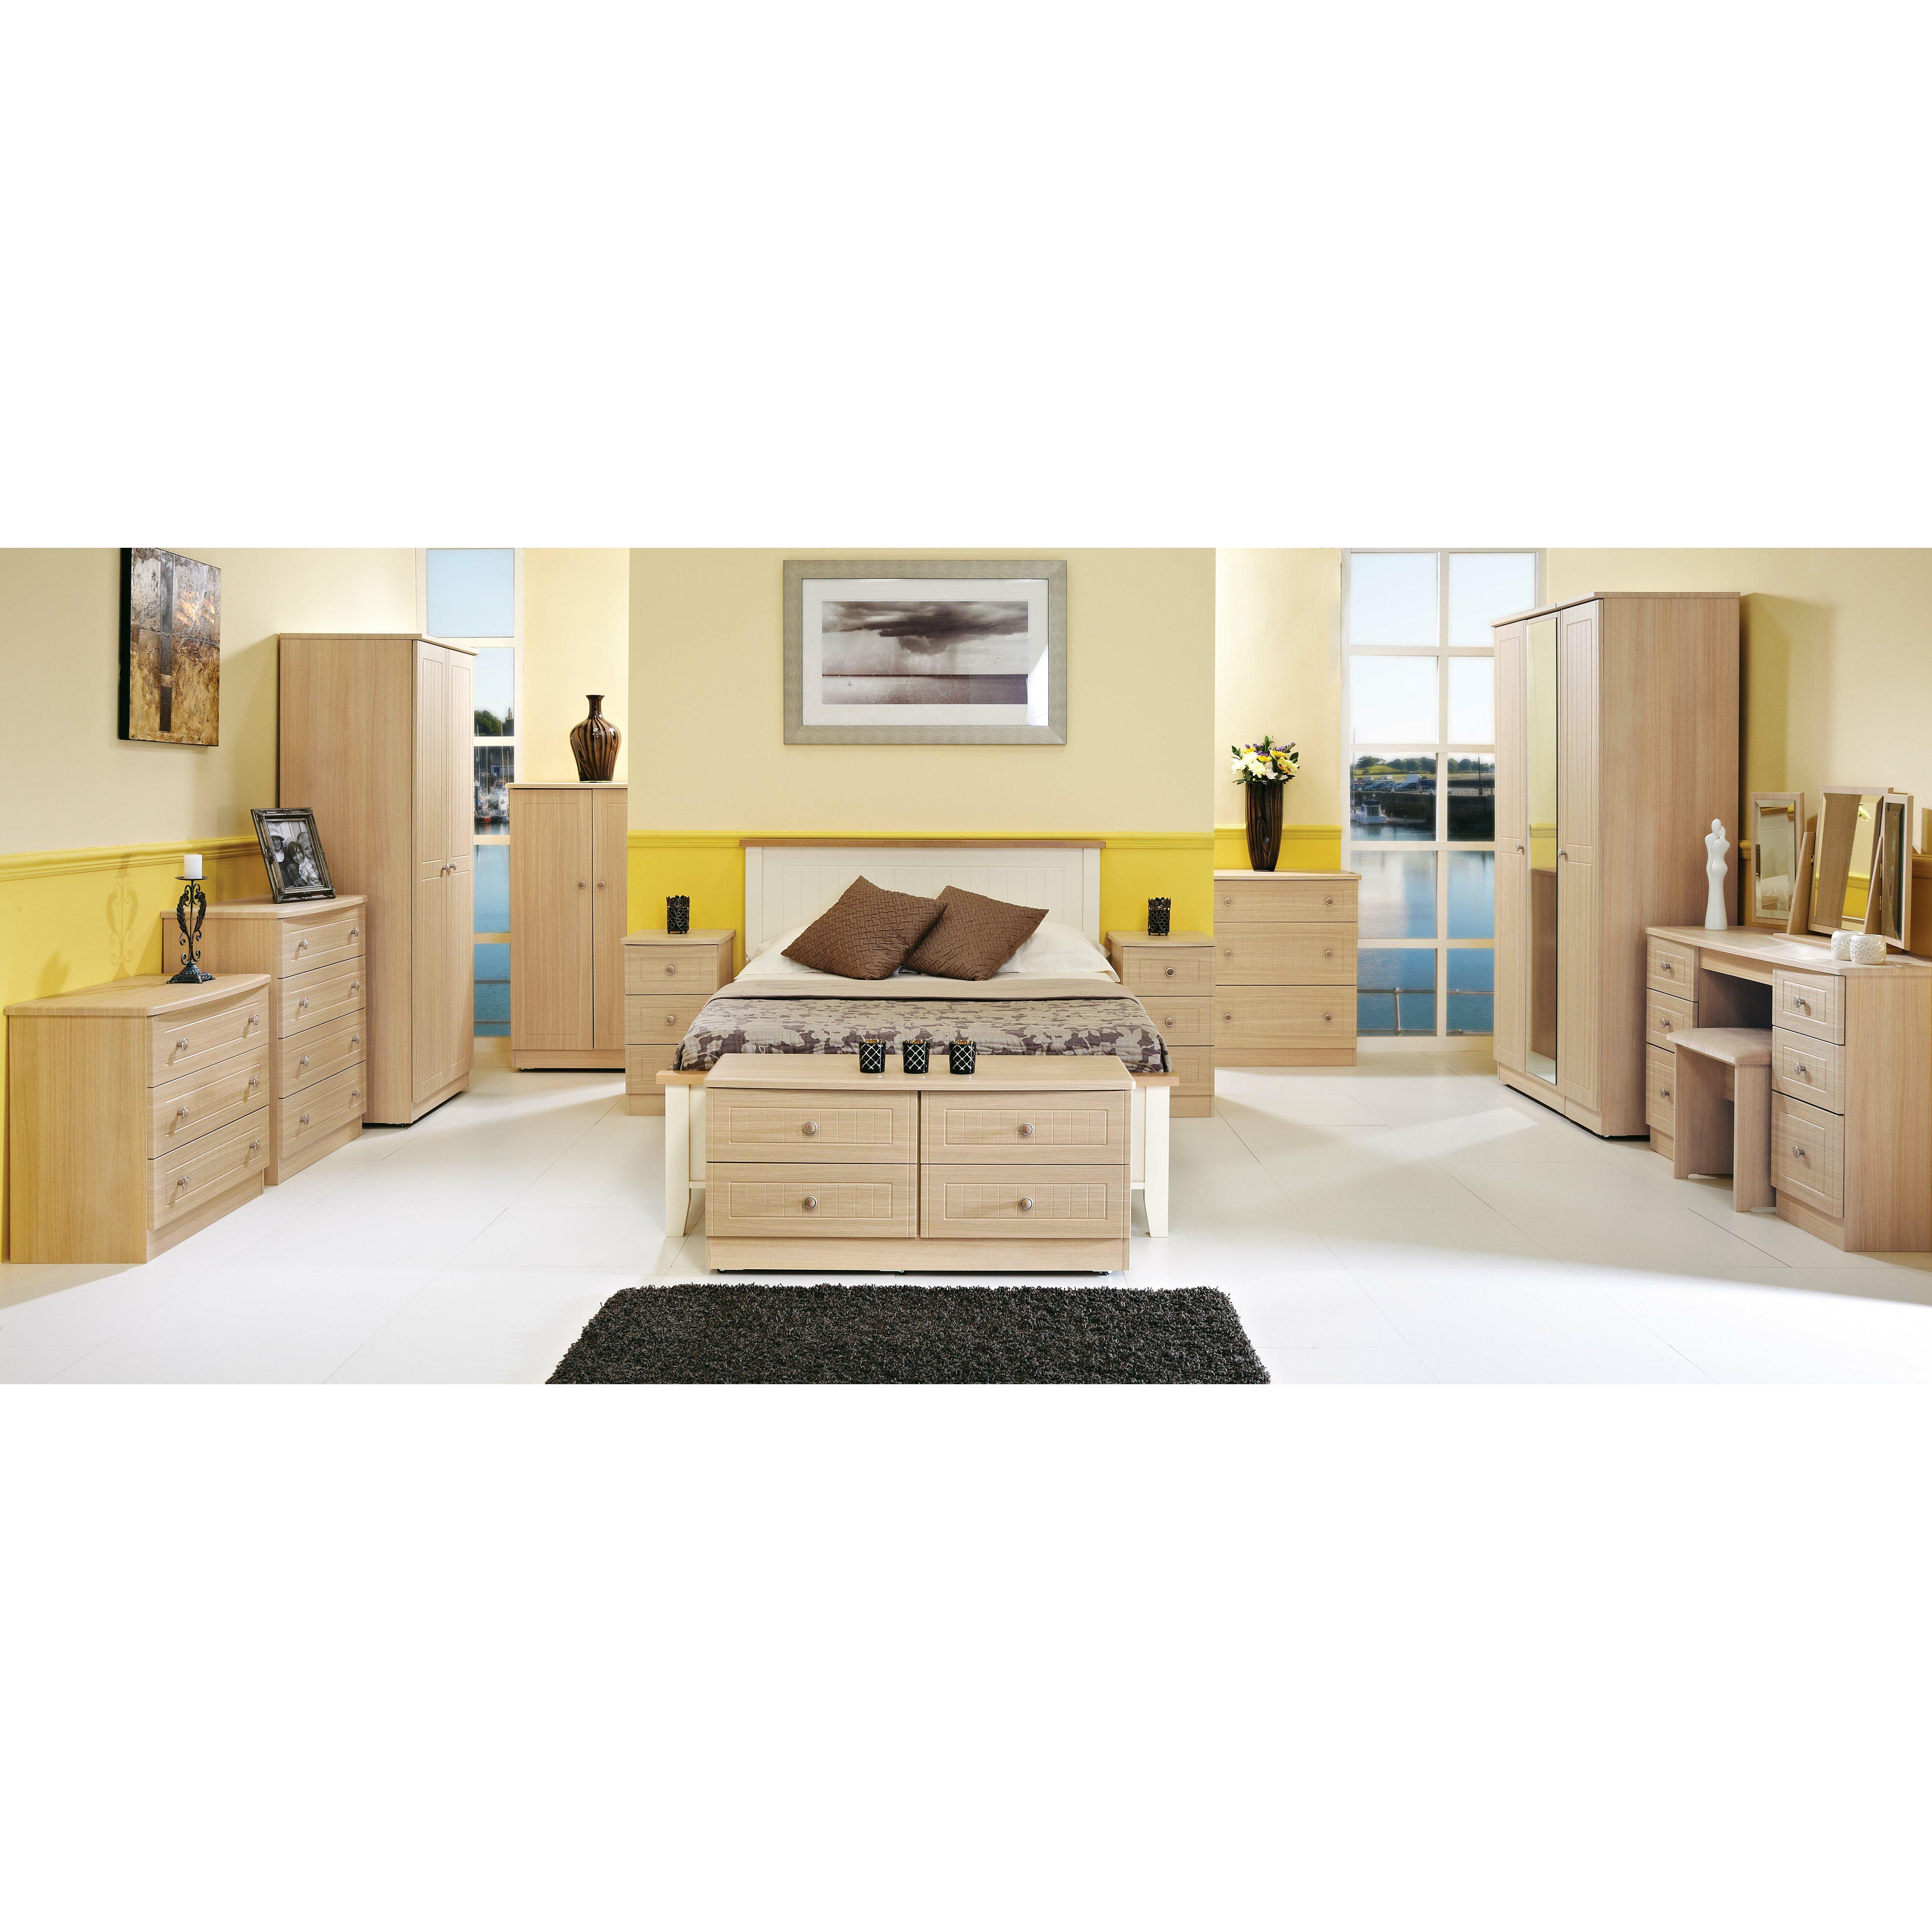 Homestead Living Warwick 2 Door Wardrobe Reviews